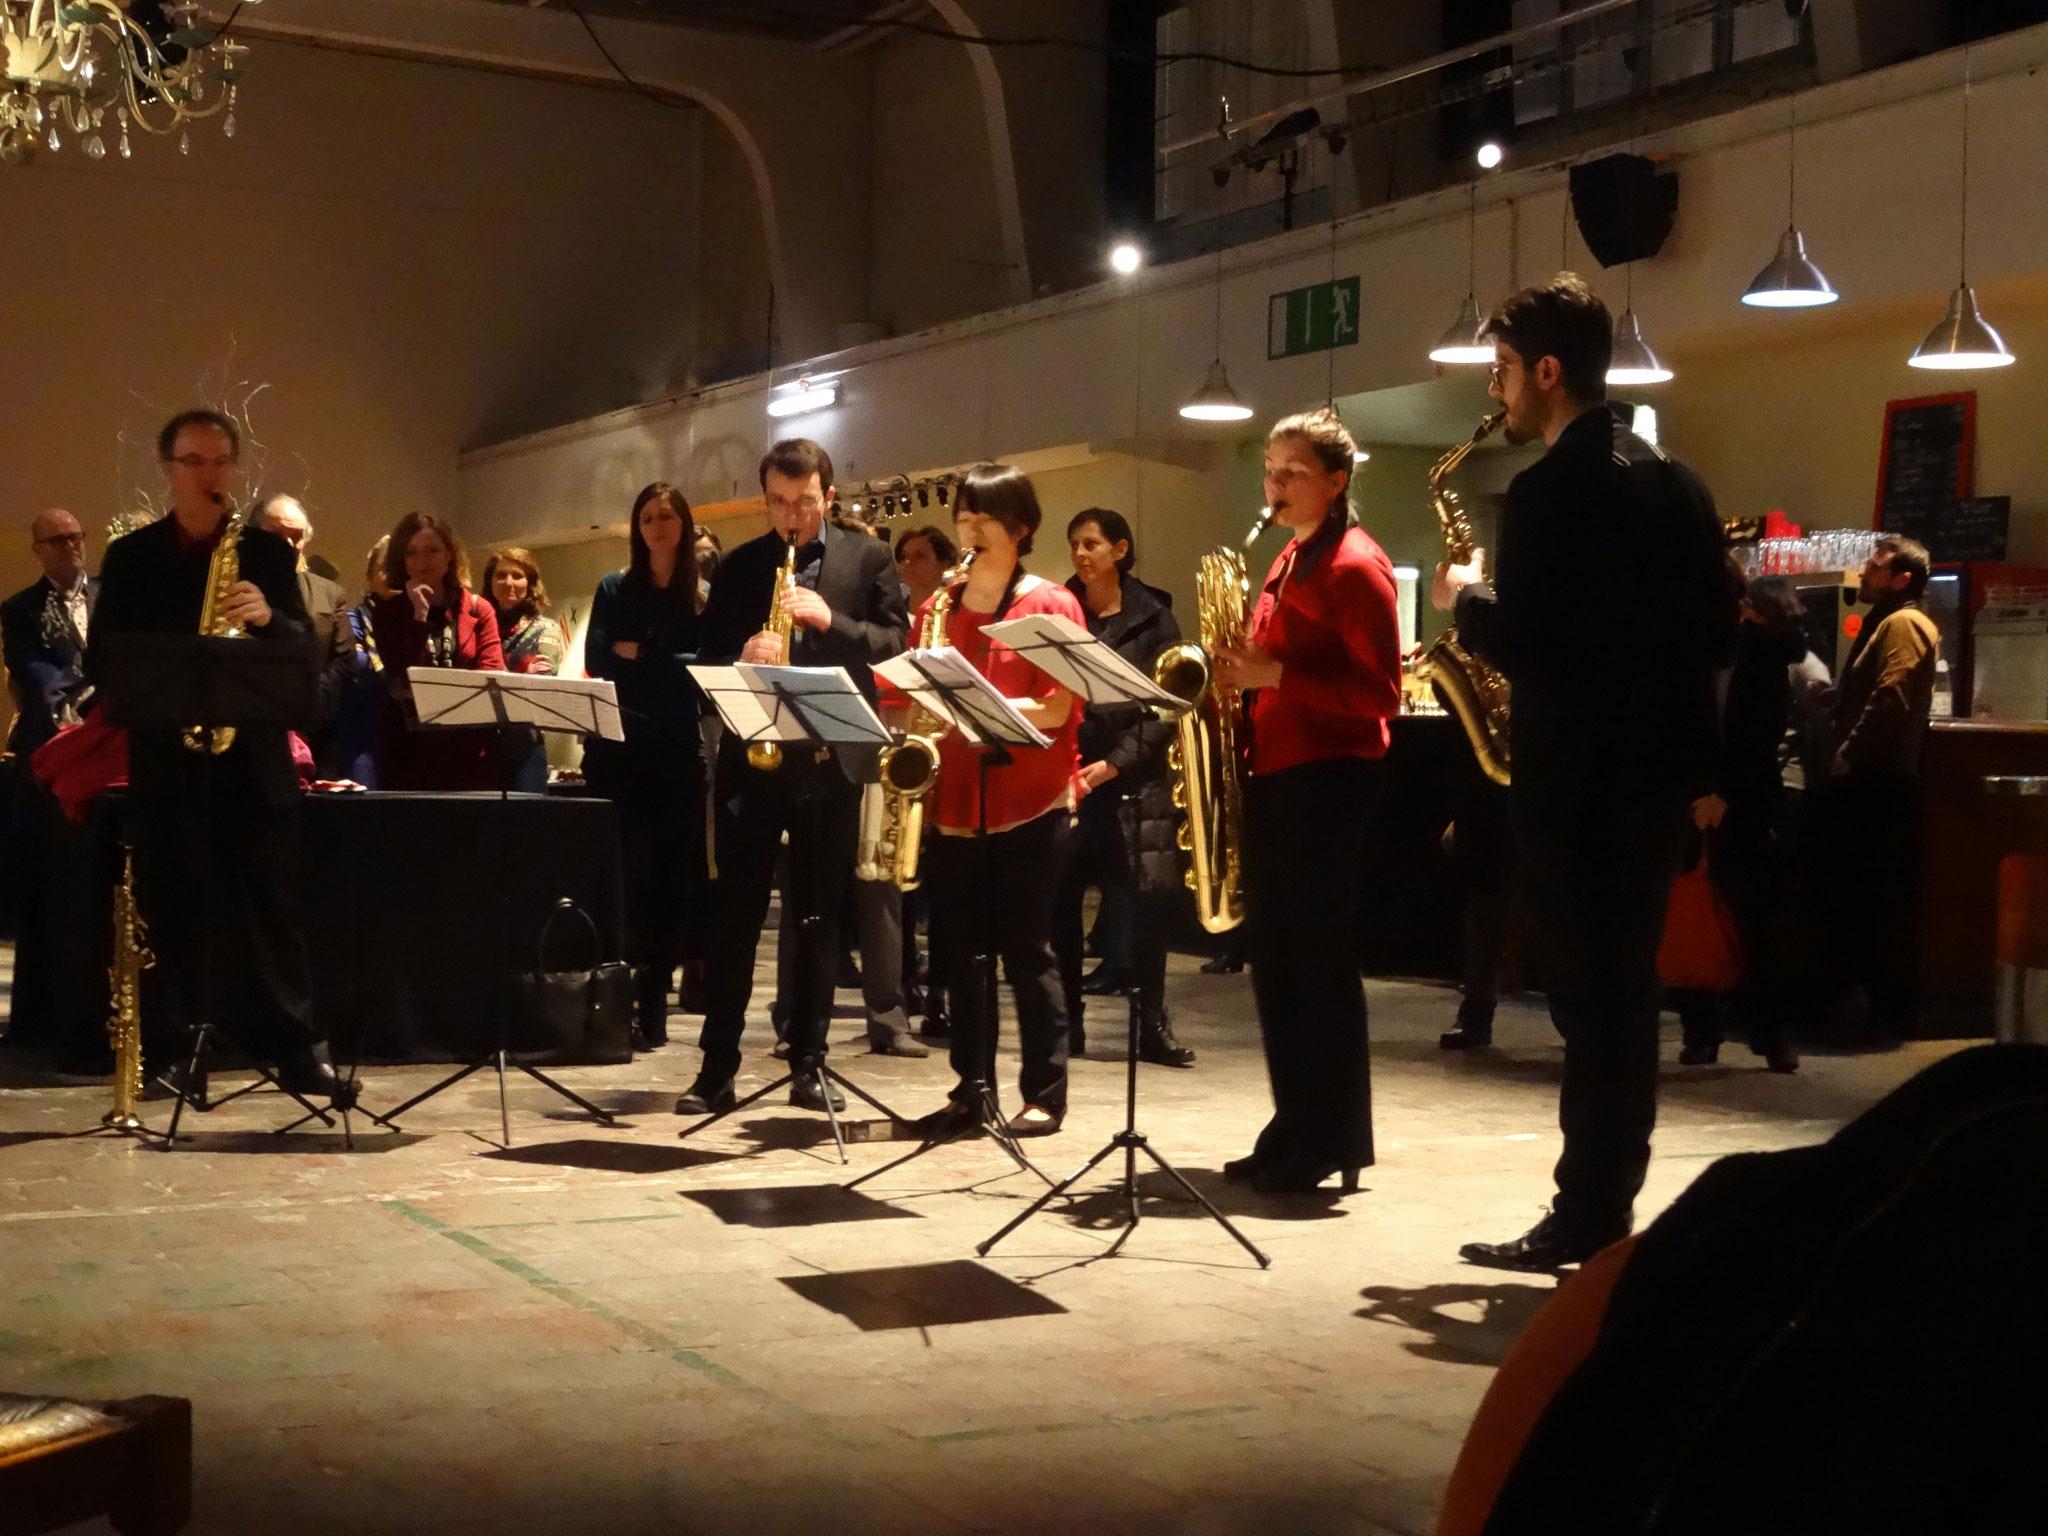 sowie mit mitreißender Musik eines Saxophone Quartetts um den internationalen Saxophonisten Philippe Geiss